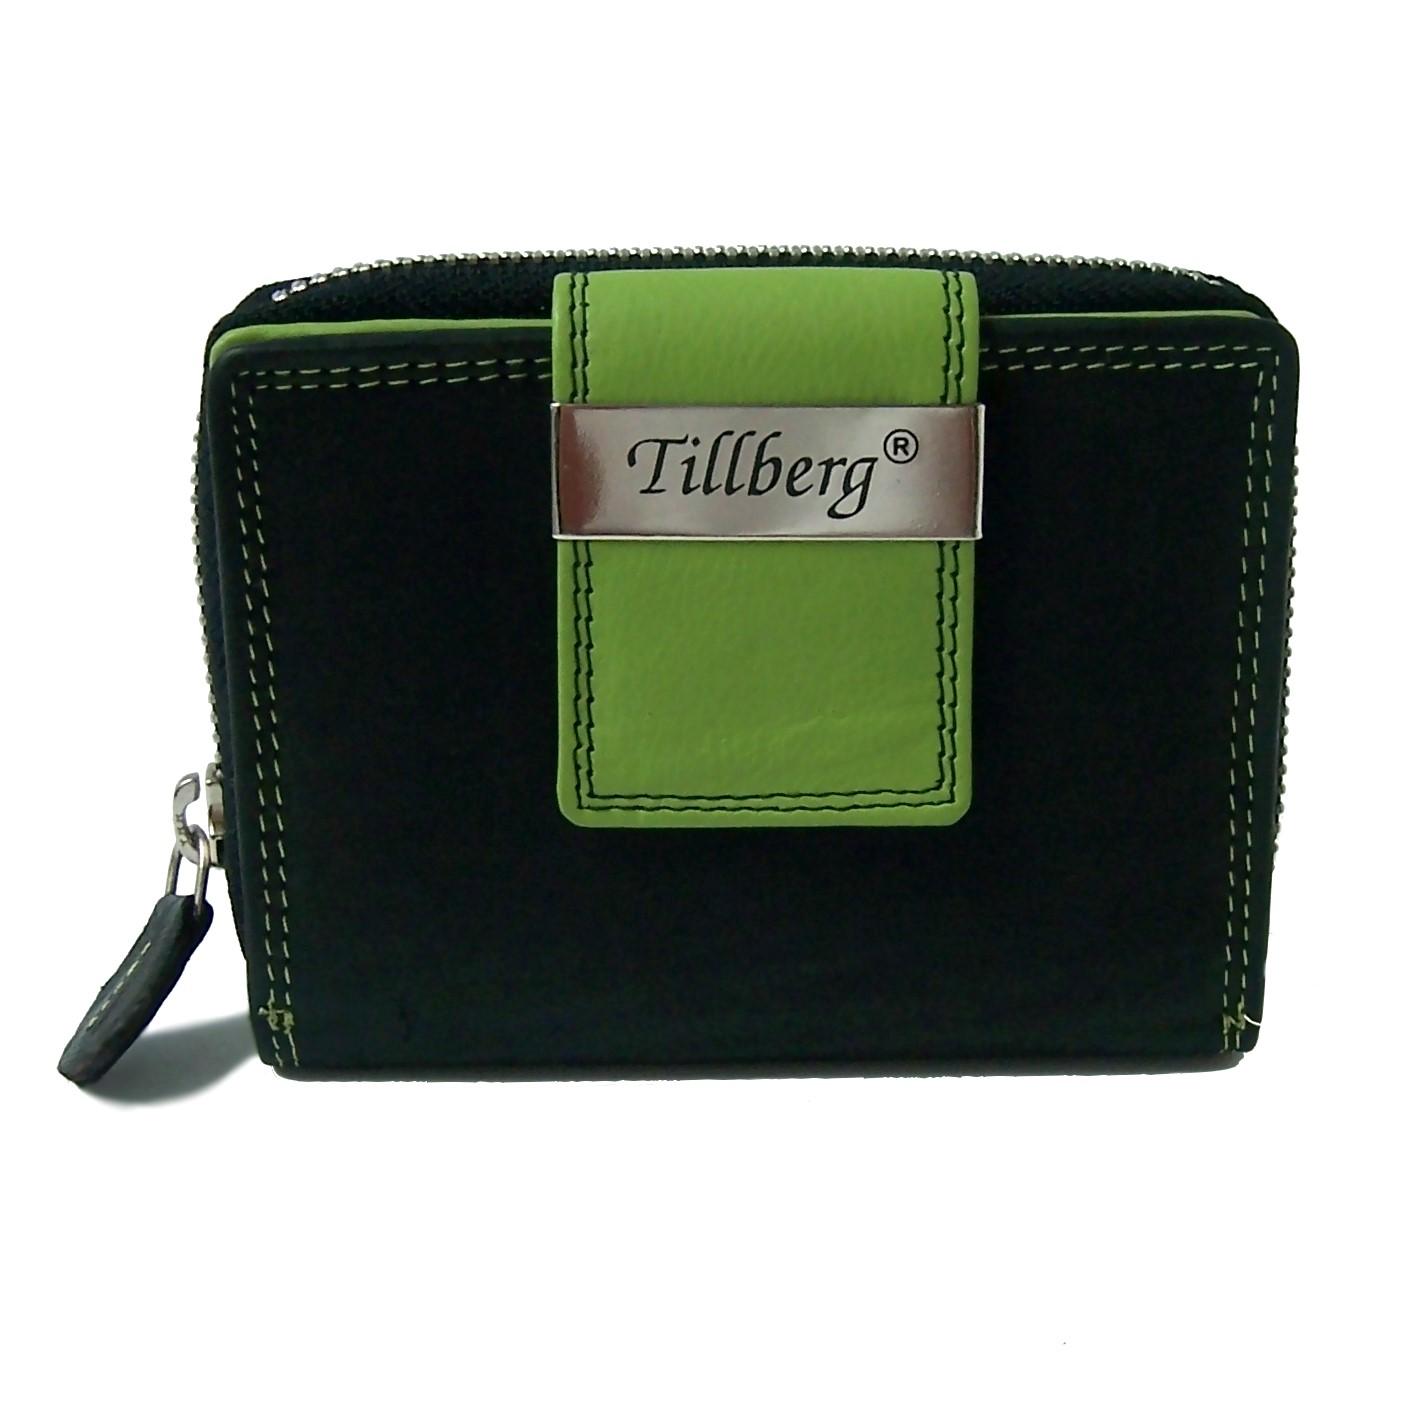 Geldbörse Damen Portemonnaie echt Leder schwarz grün Tillberg Po2249